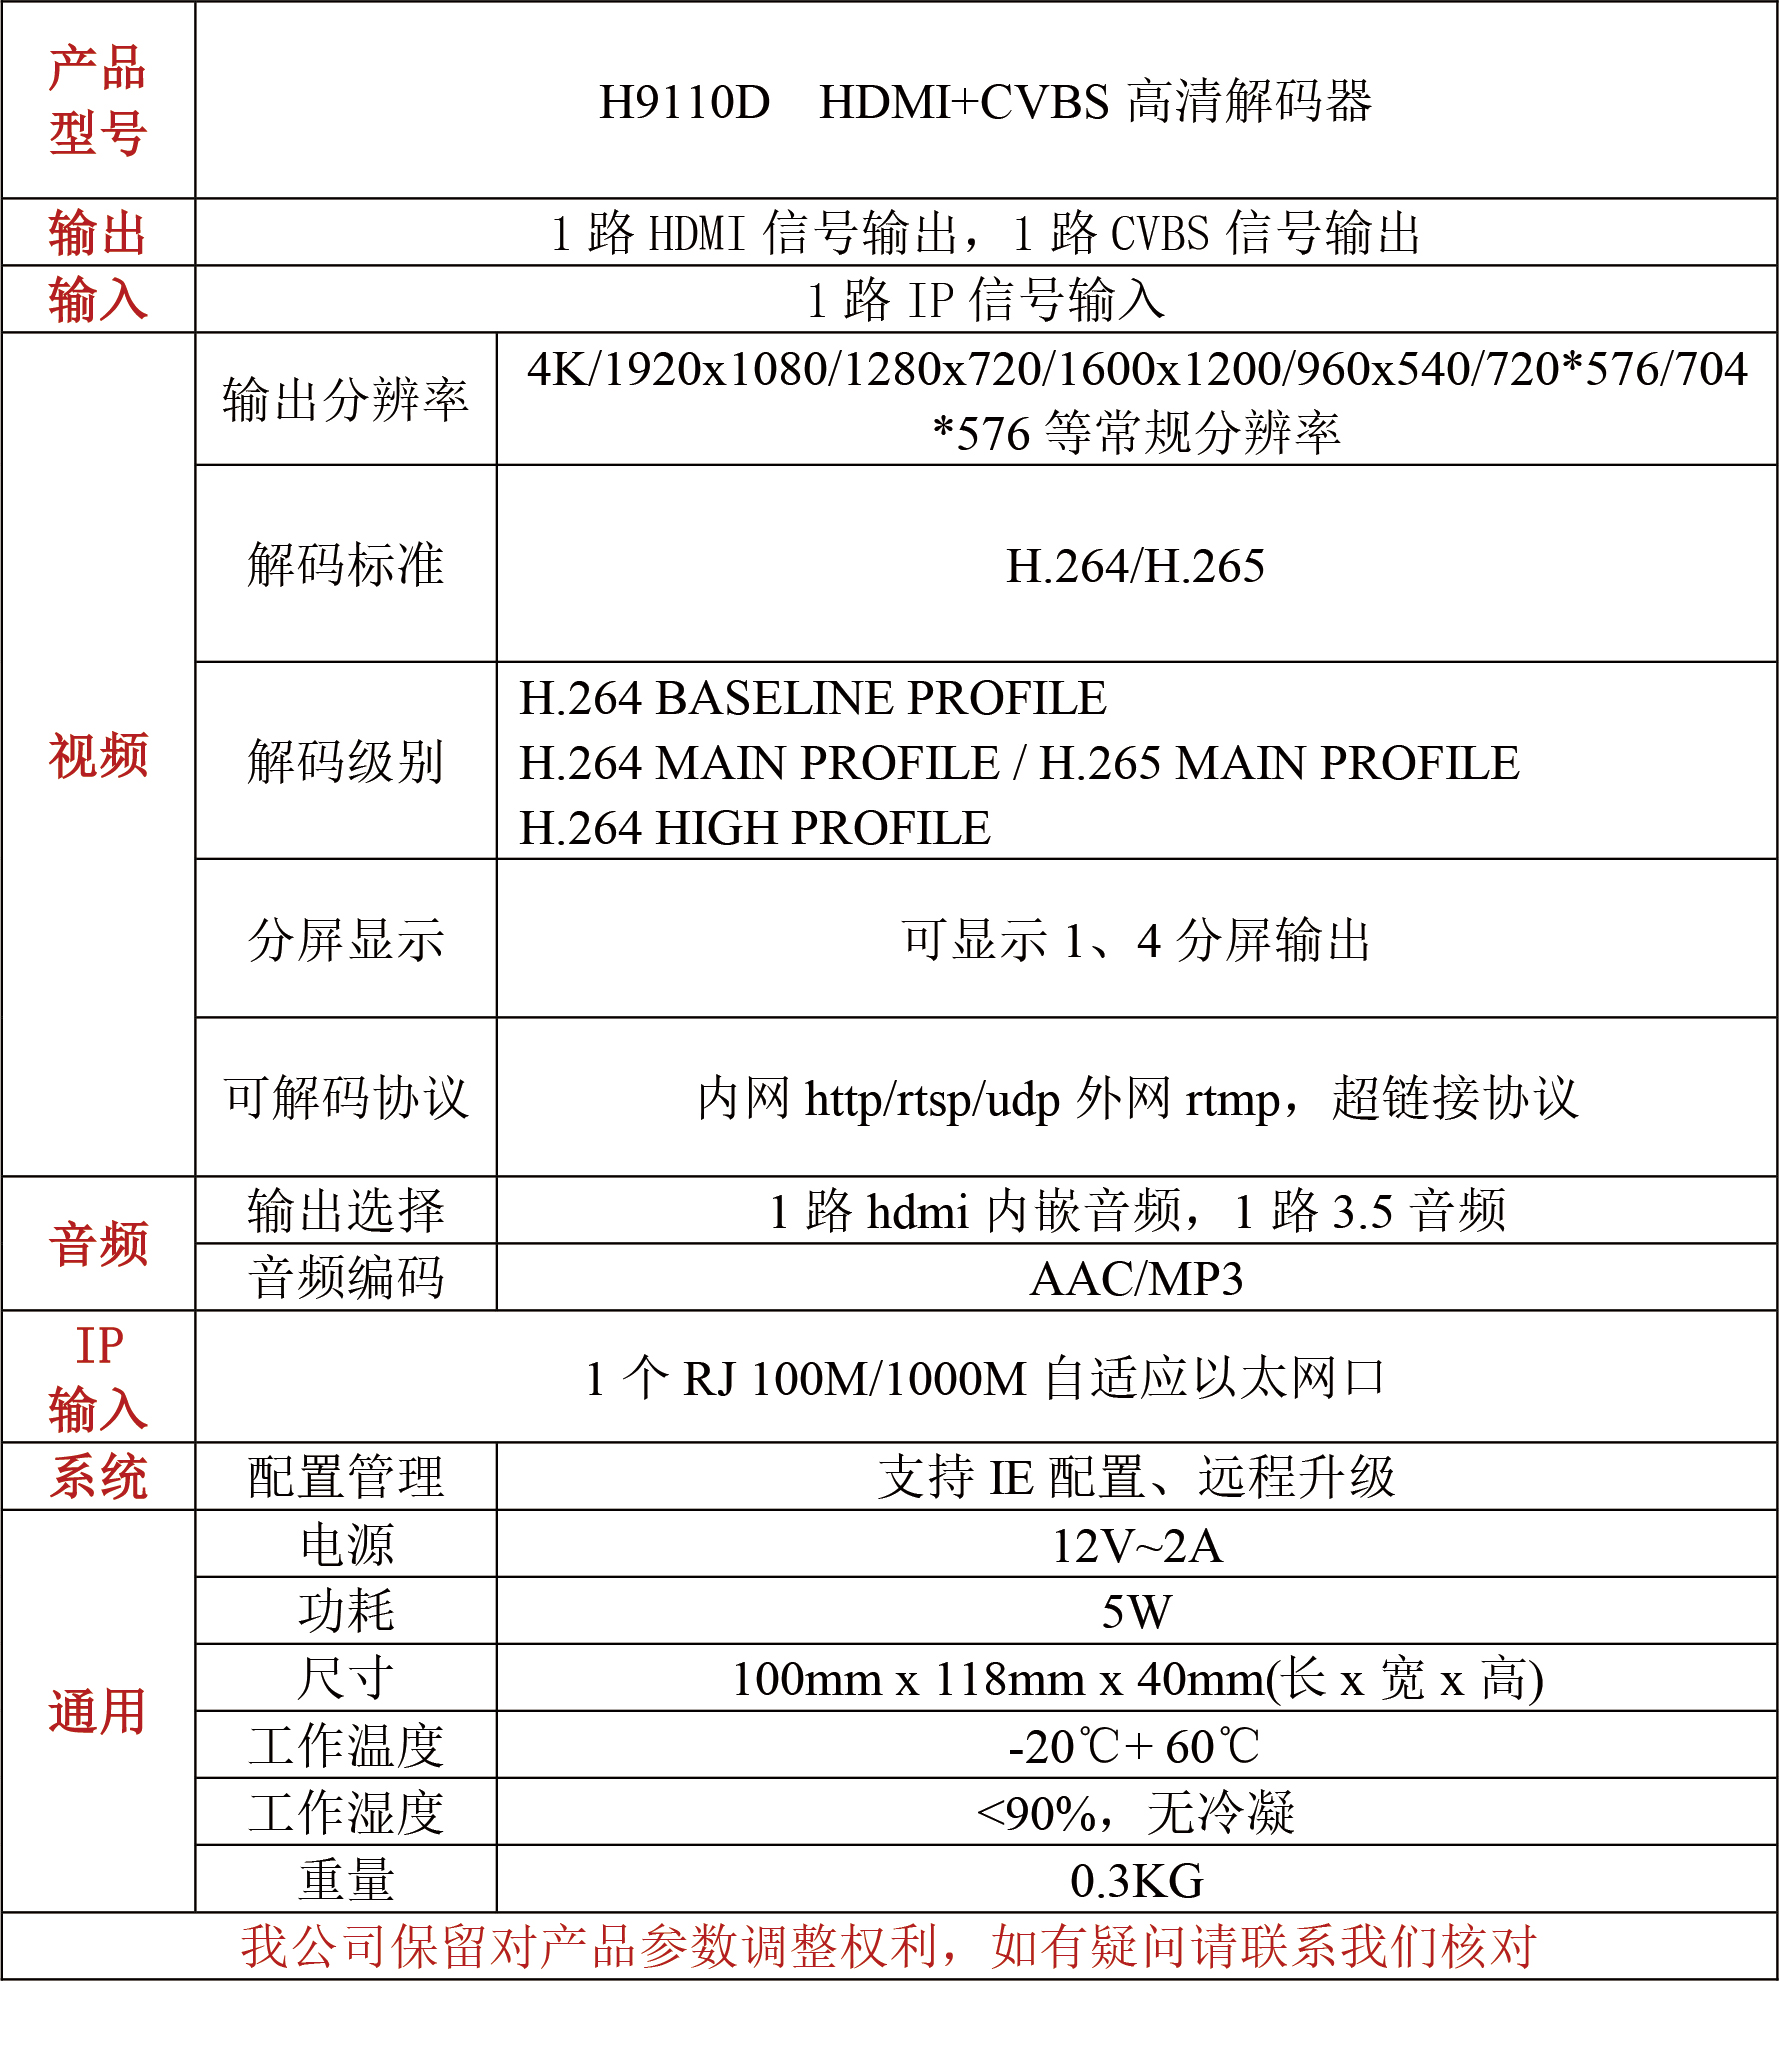 H9110D高清HDMI+VGA解码器高清音视频解码